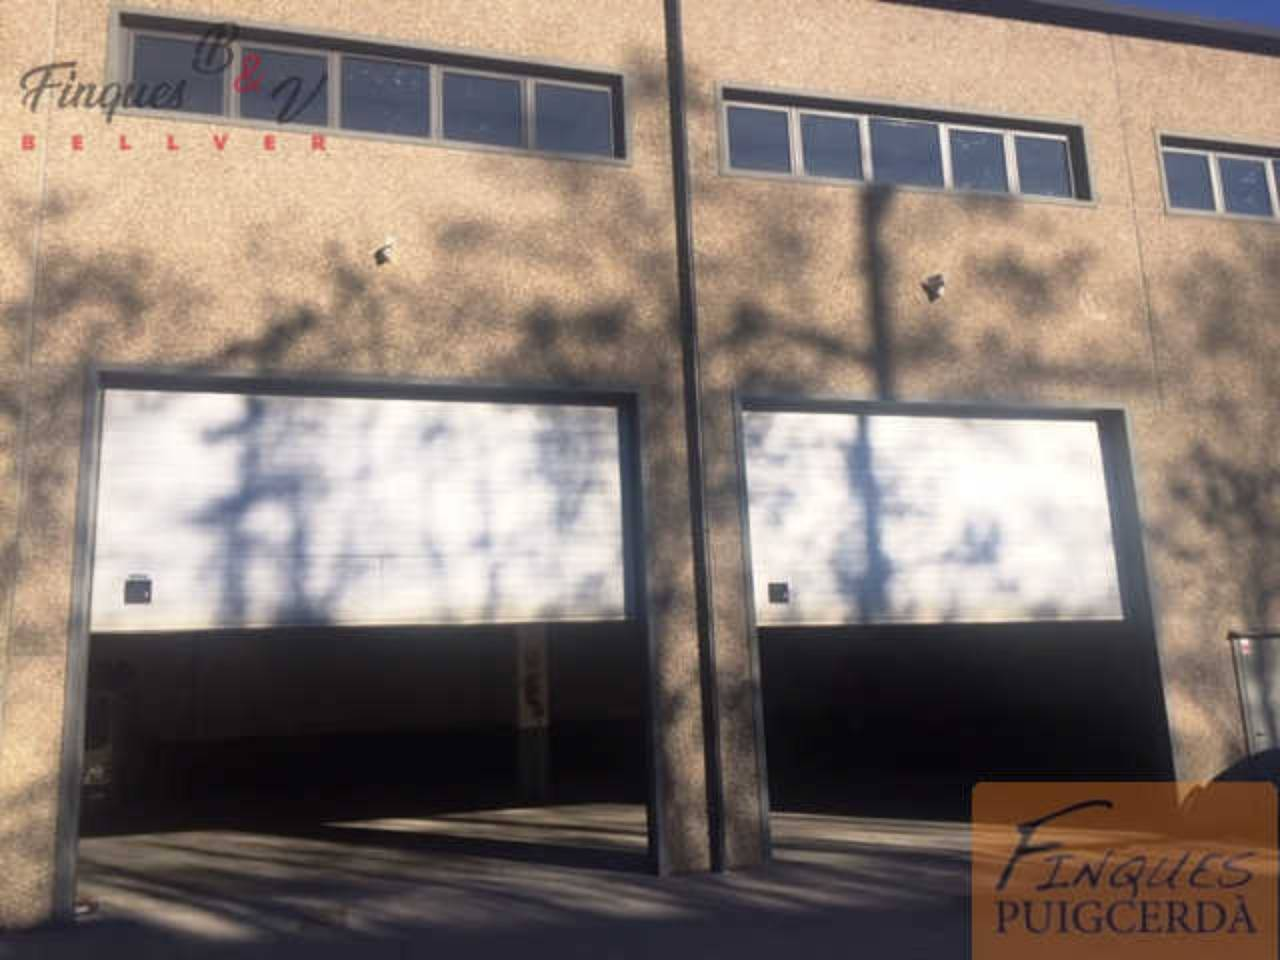 Nave industrial  Calle girona, 0. 500 m2 planta baja + 250 altillo posibilidad de partir en dos n